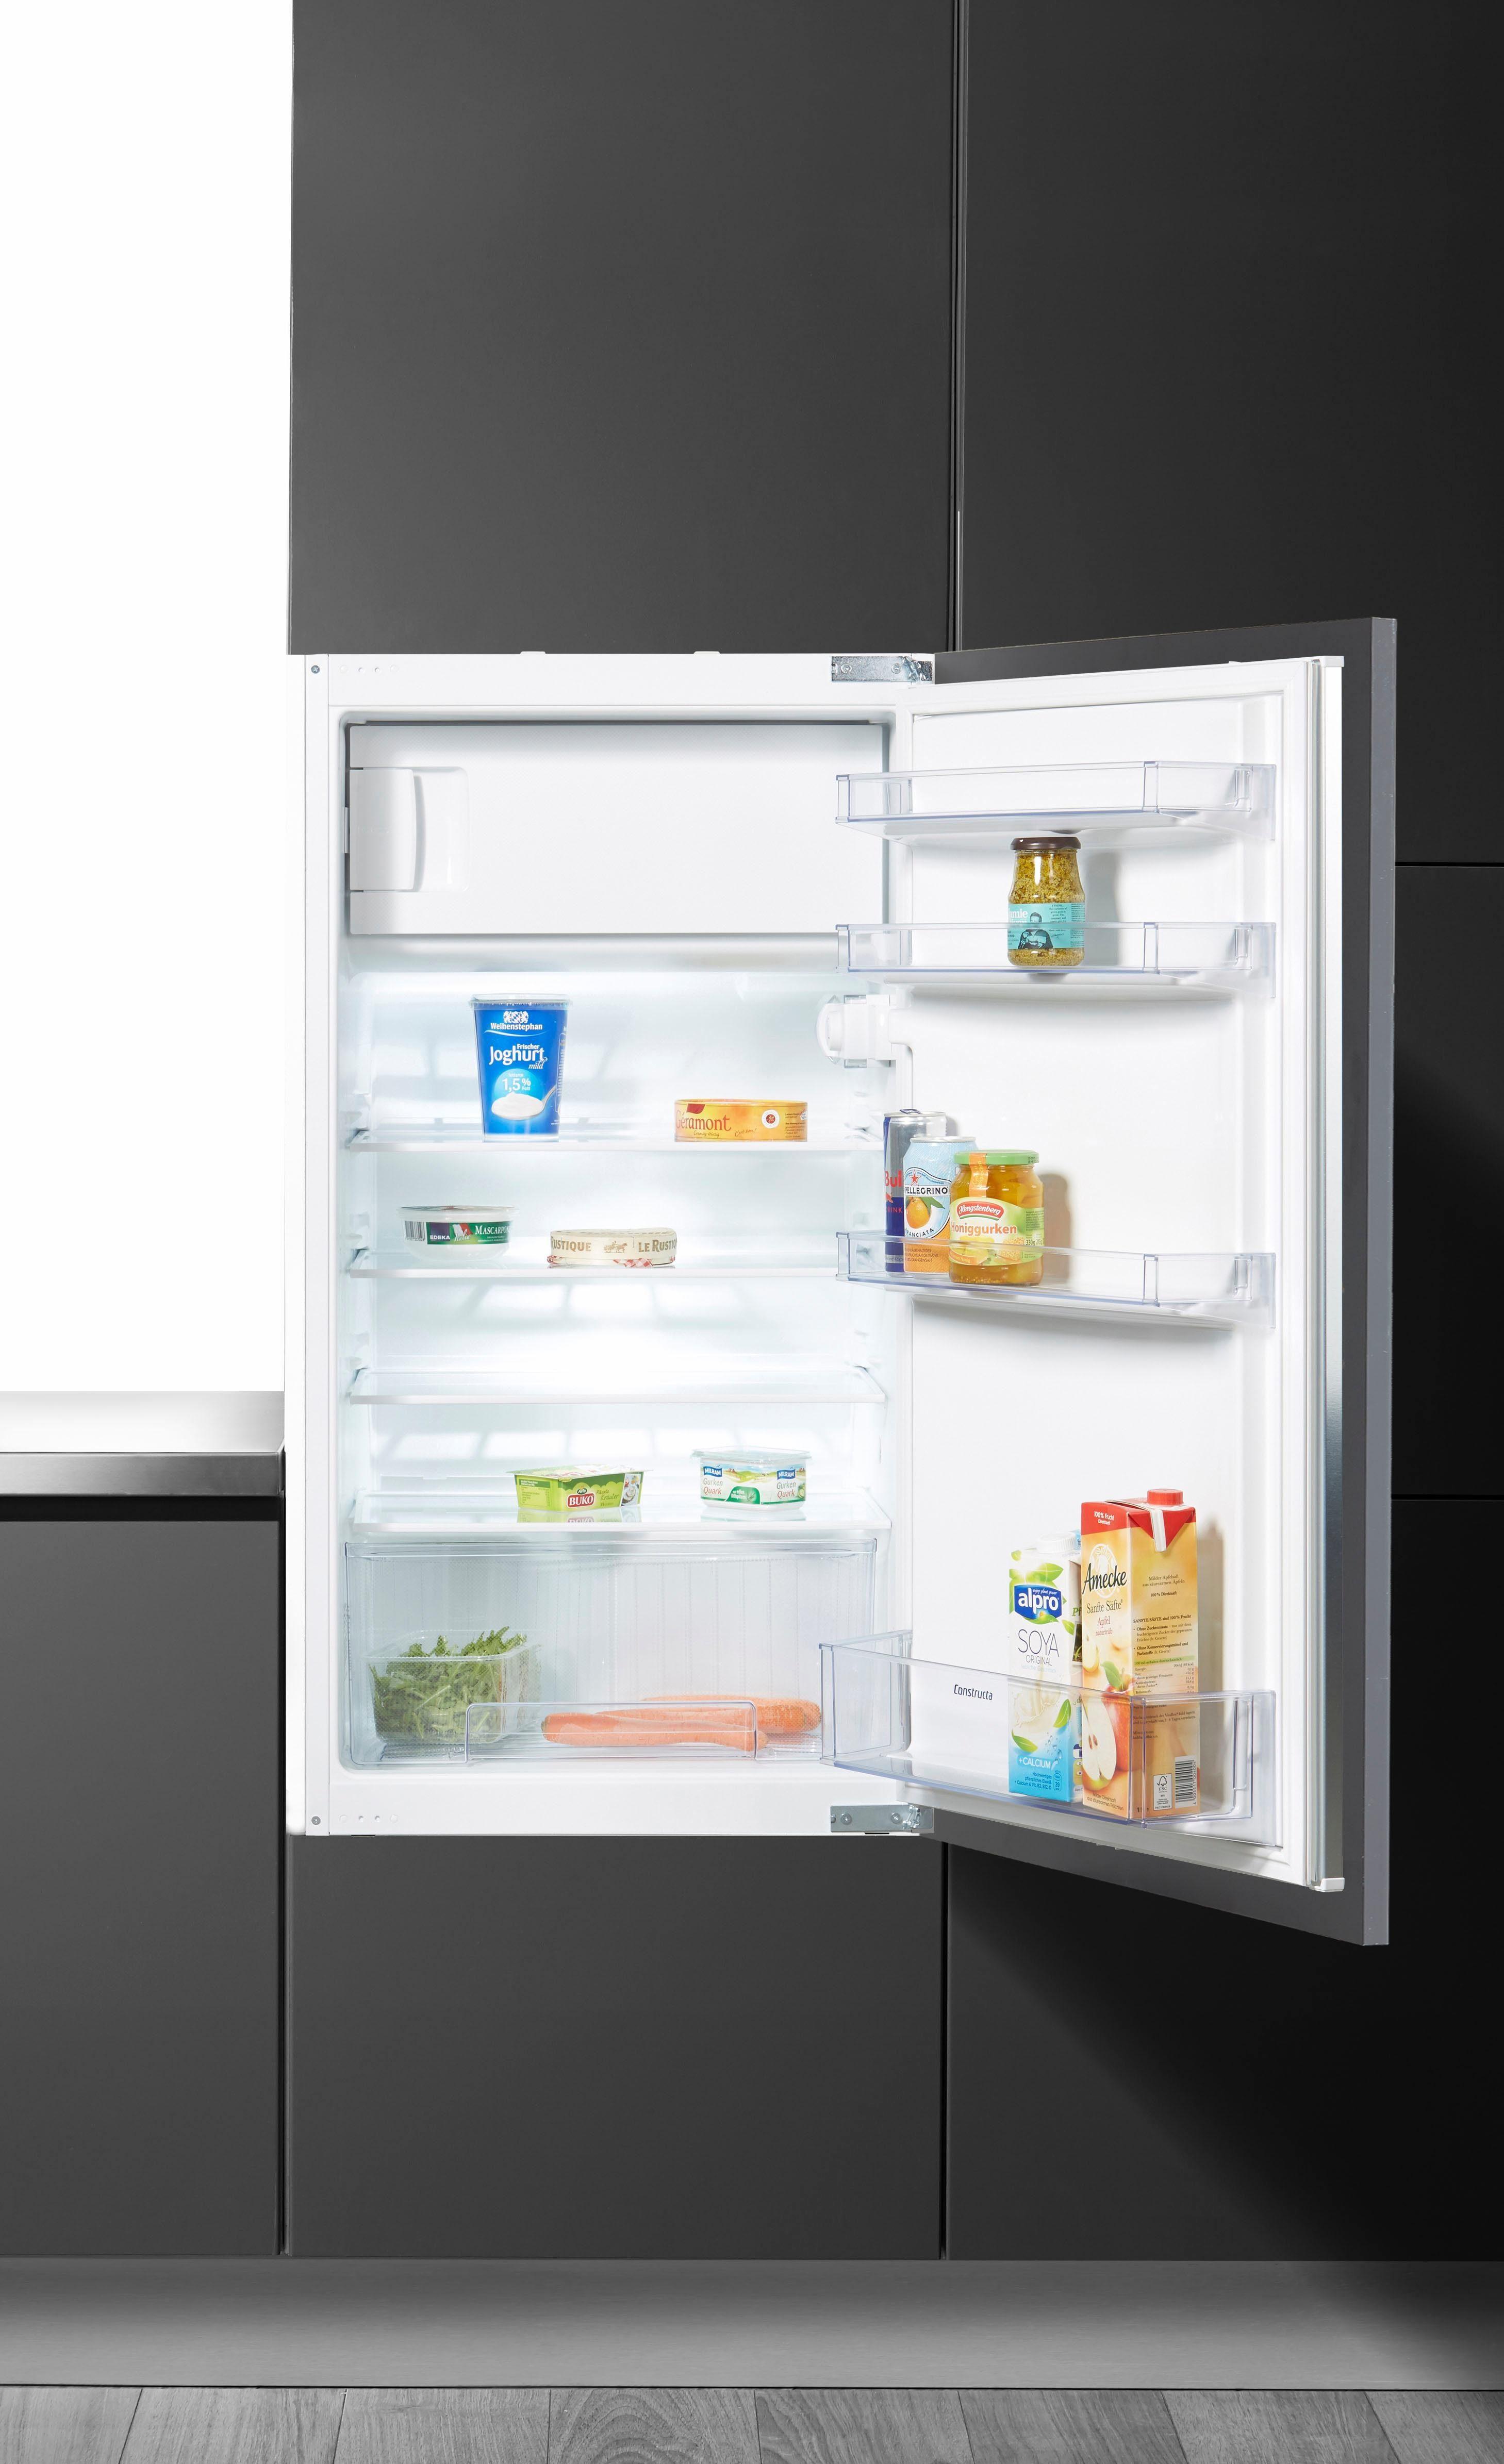 Constructa Einbaukühlgefrierkombination CK64305, 102,1 cm hoch, 54,1 cm breit, Energieklasse A+, 102,1 cm hoch, integrierbar